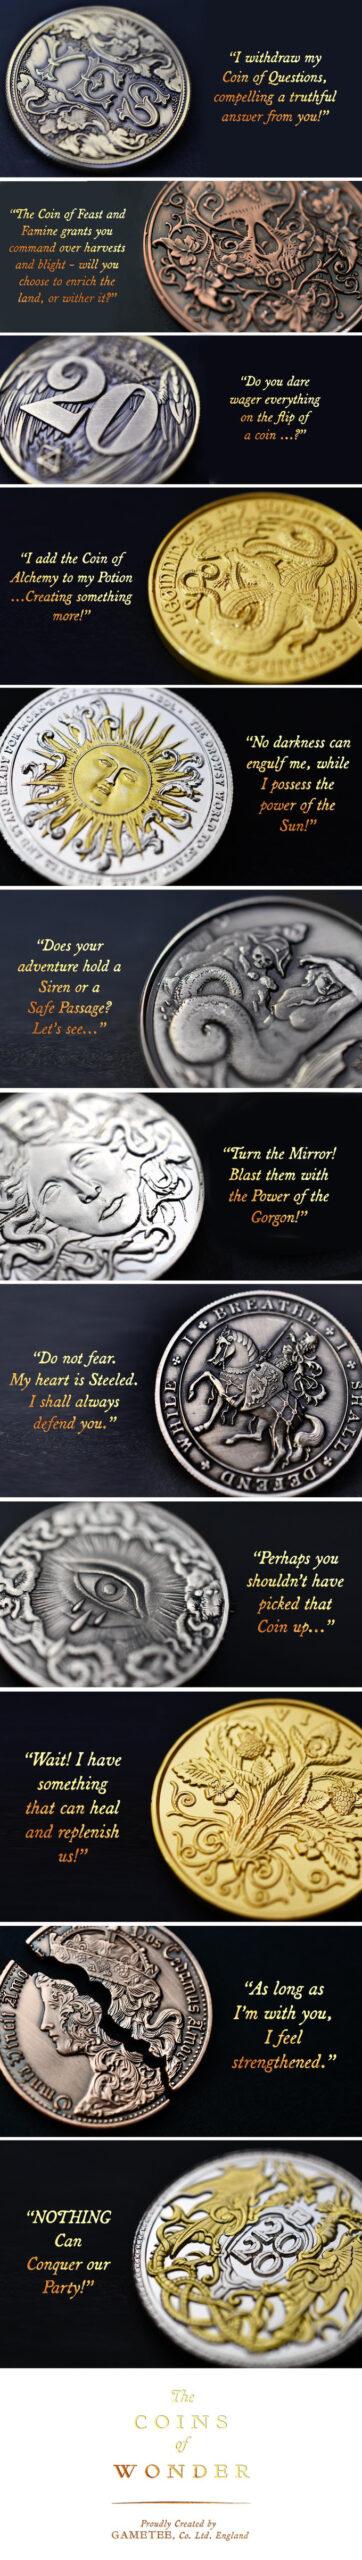 RPG coins